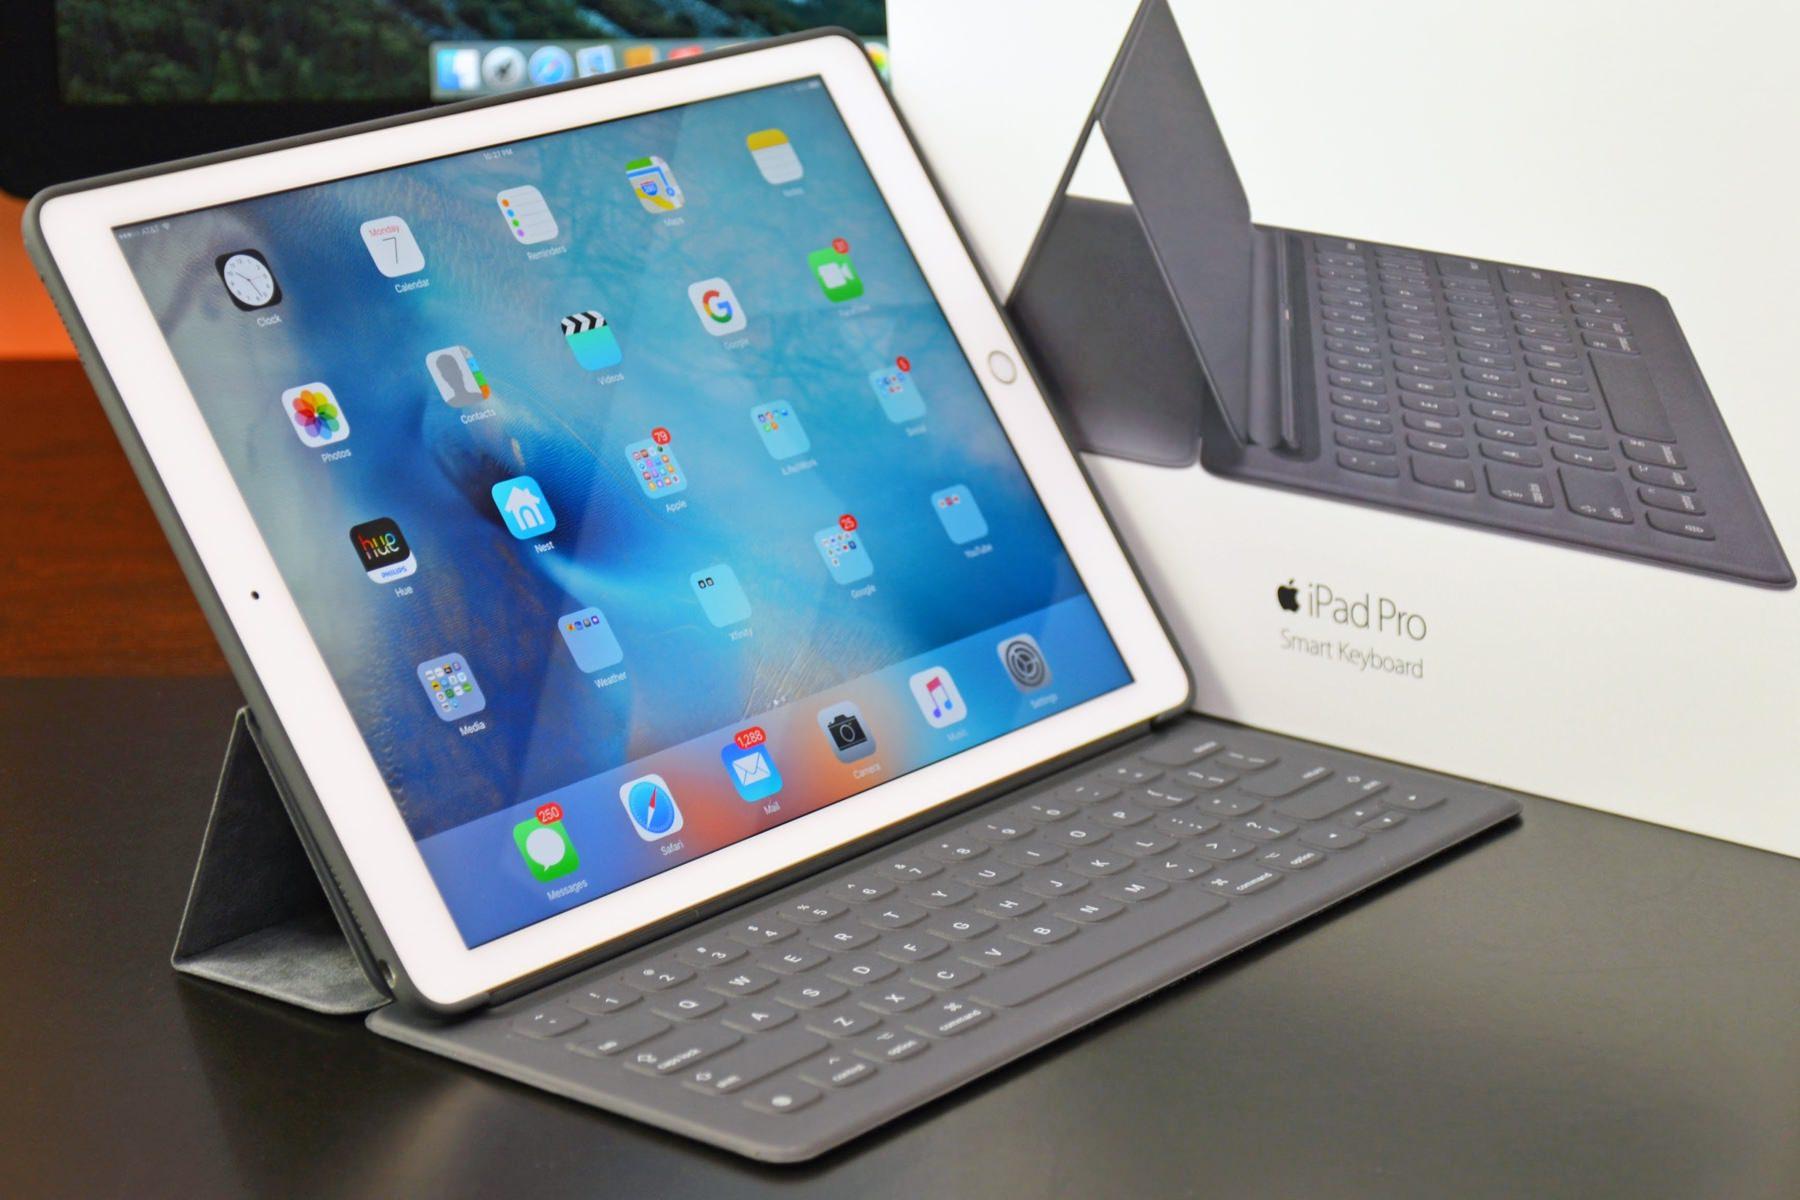 Снимки чехла для 9,7-дюймового iPad Pro попали в сеть